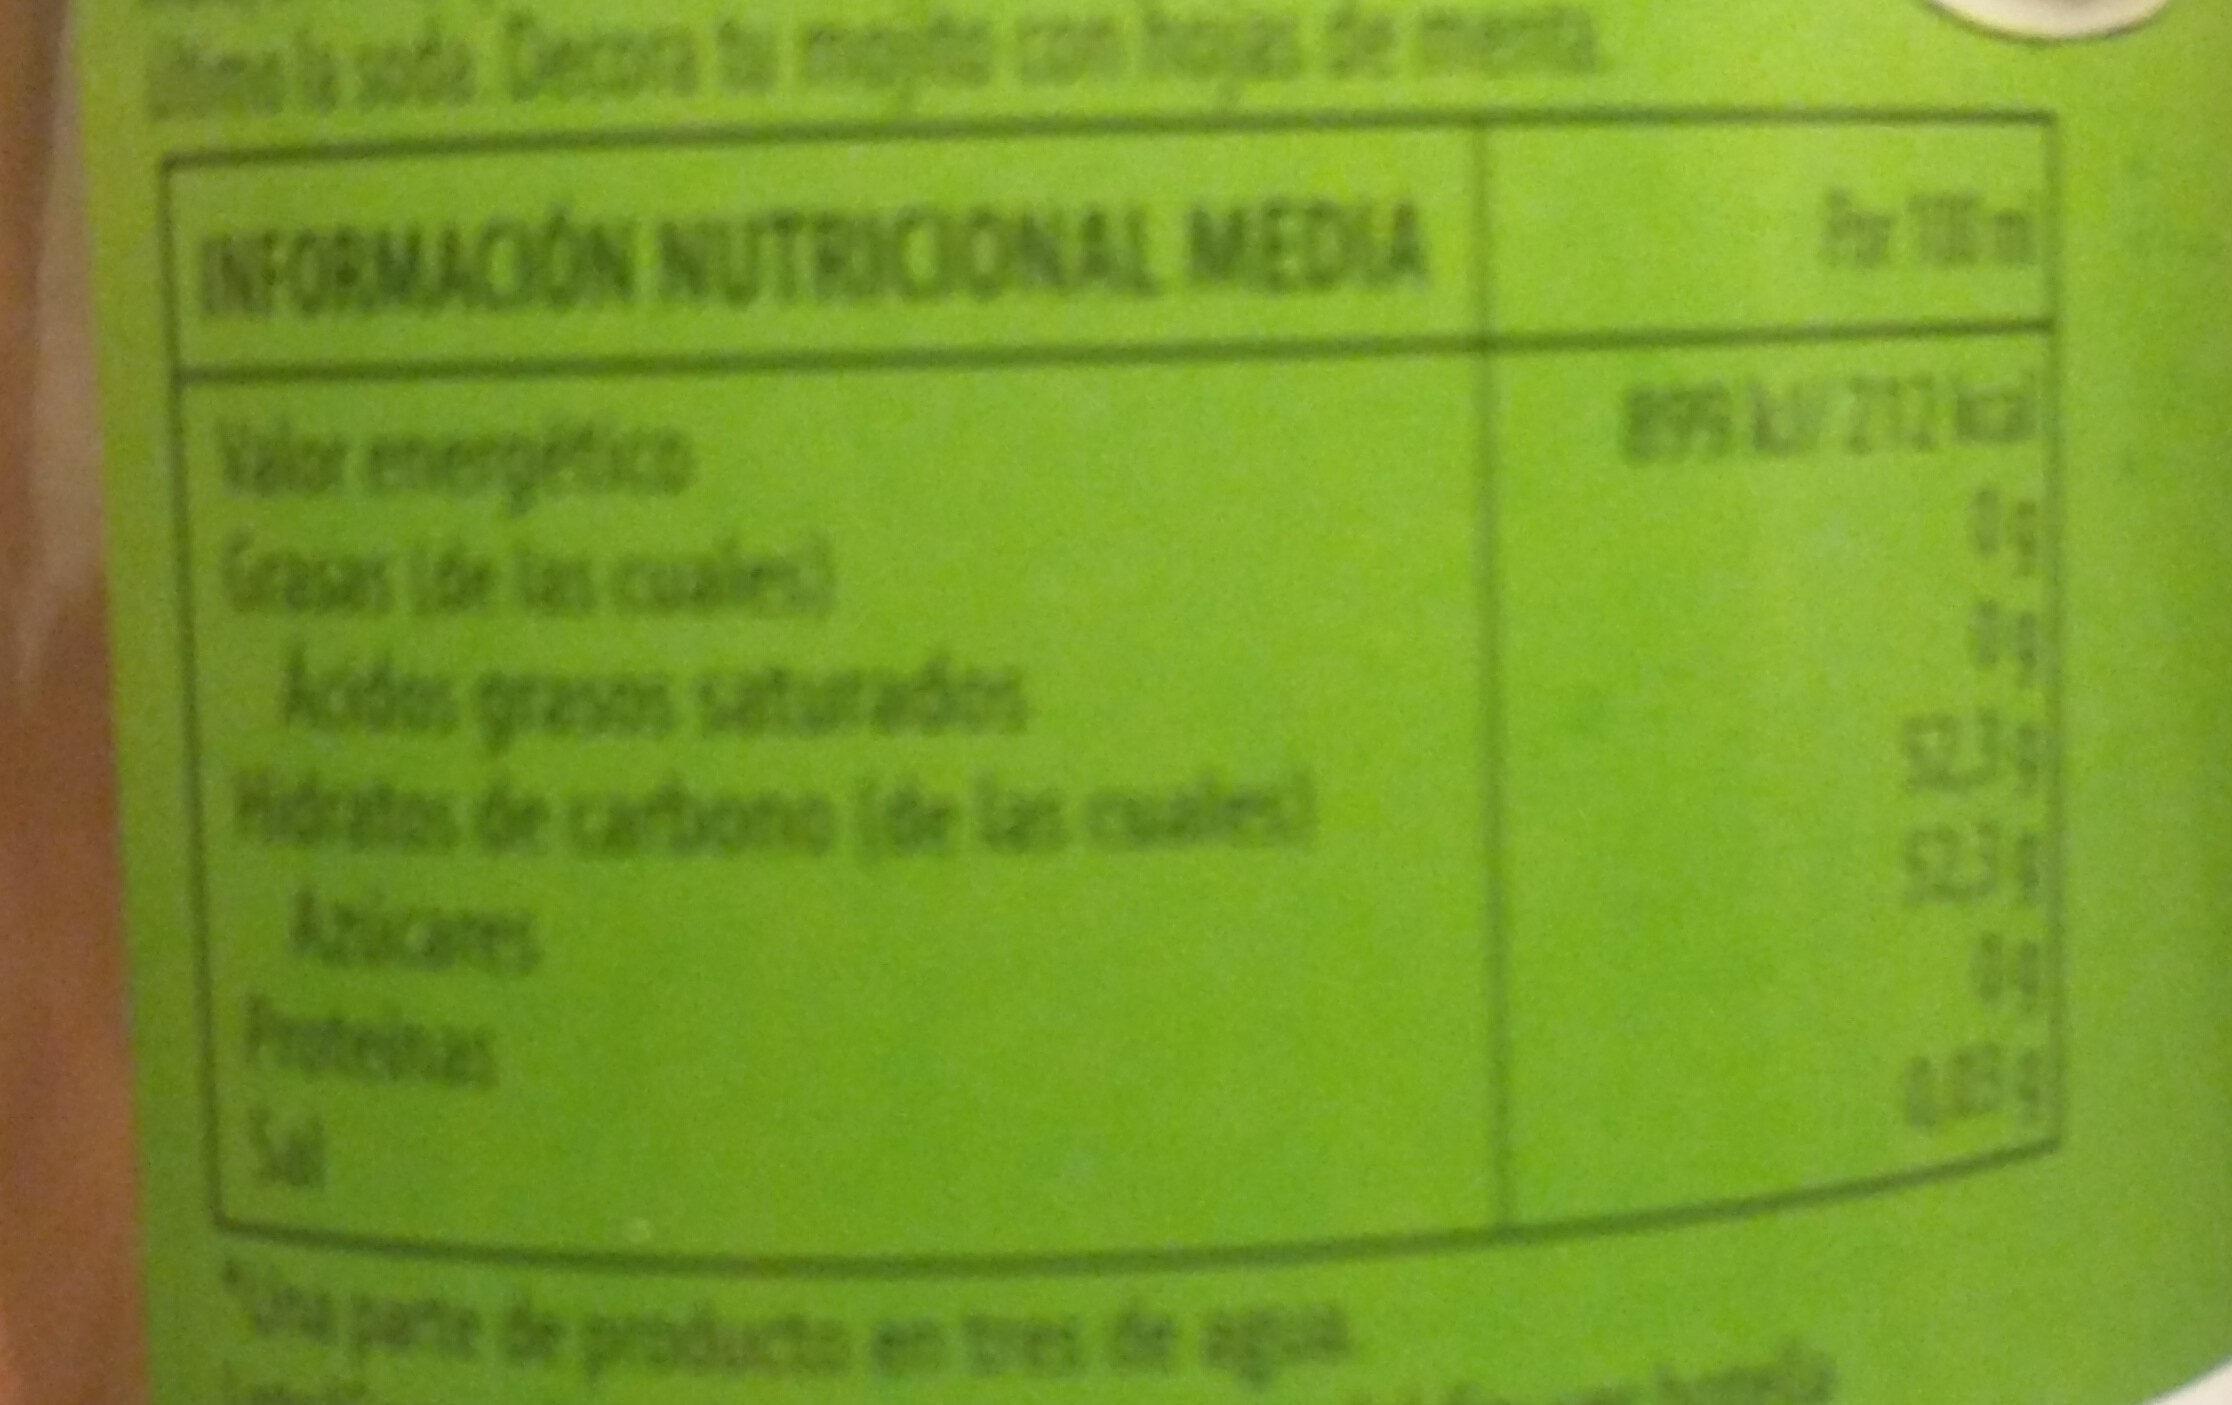 menta - Informations nutritionnelles - es